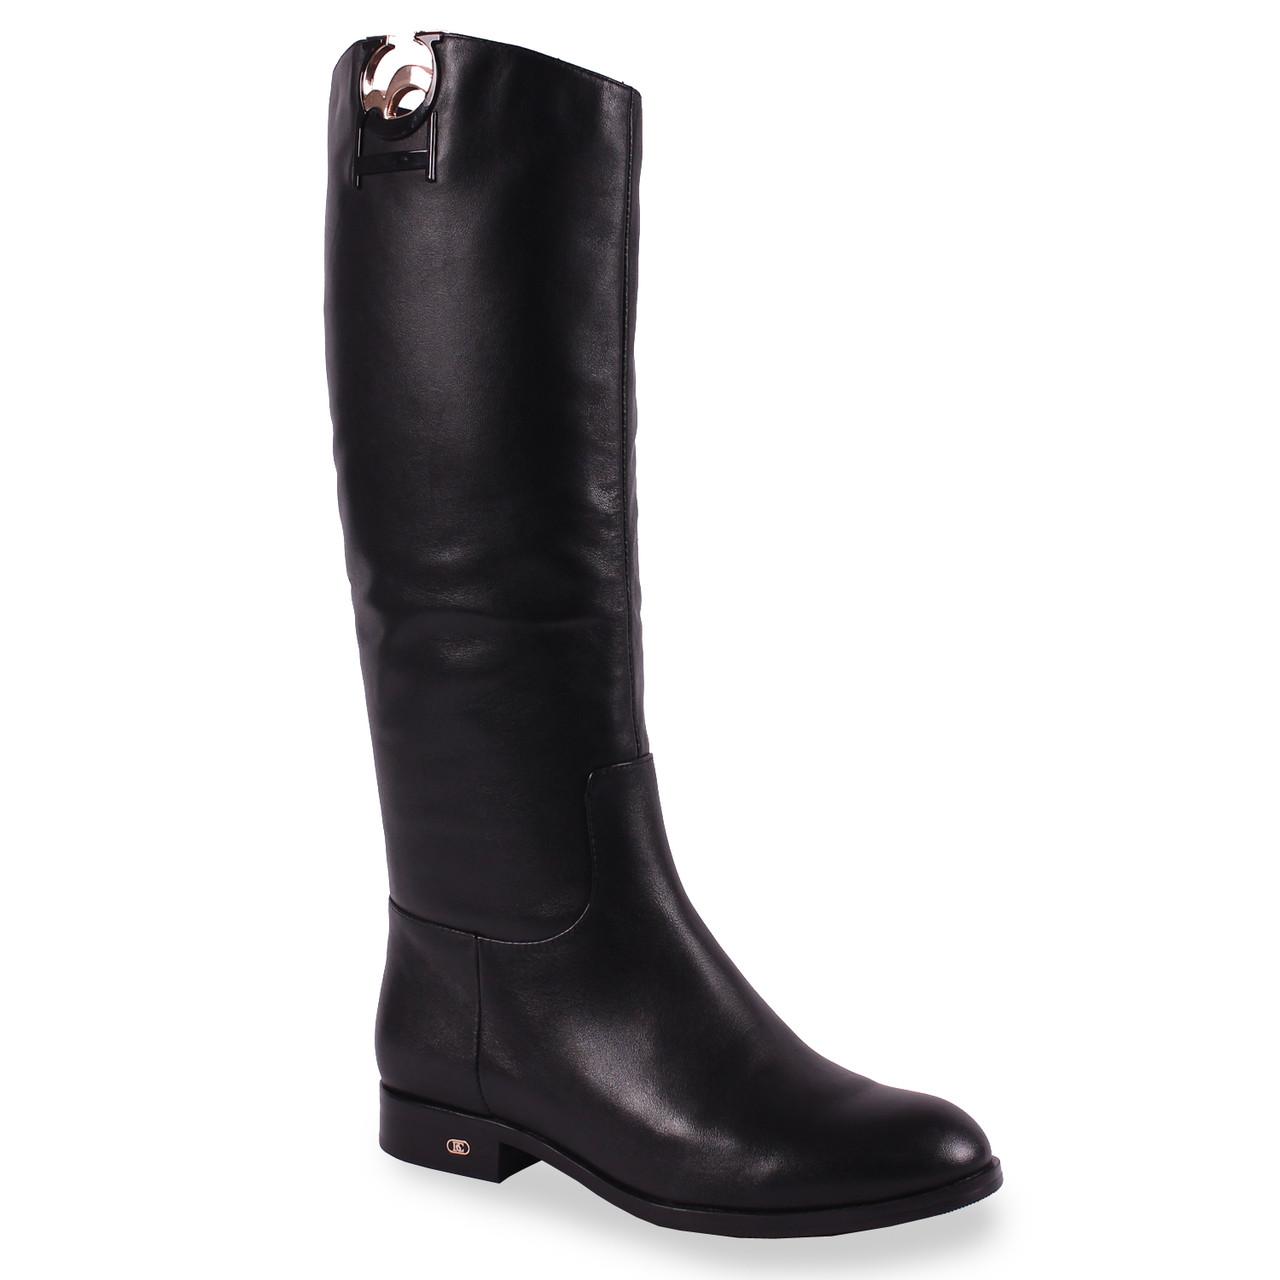 Женские сапоги Basconi (кожаные, черные, зимние, теплые, влагостойкие, без каблука)